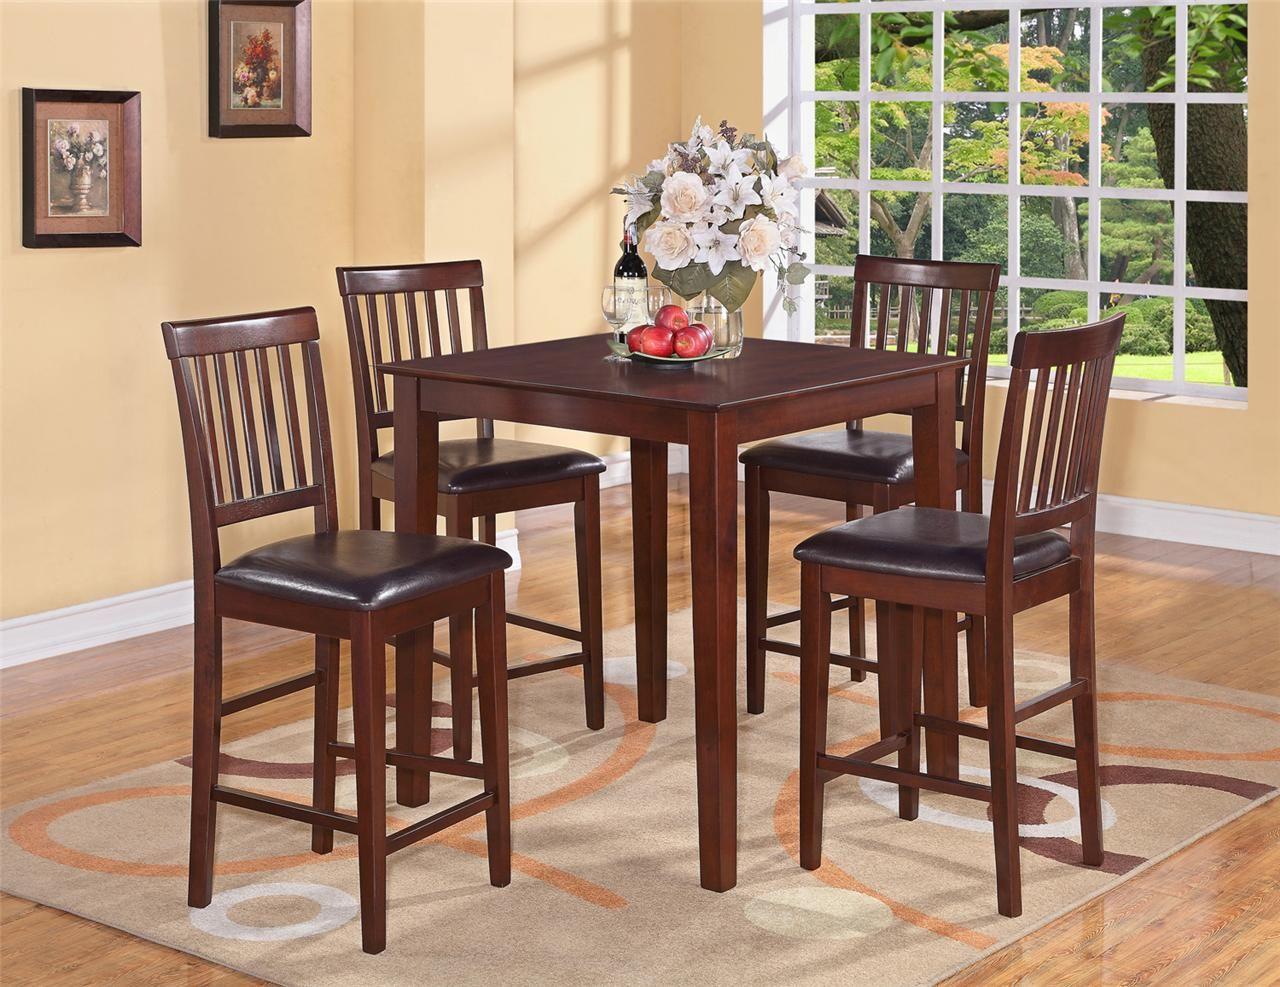 Arten von esszimmermöbeln küche tisch stühle hoch oben stühle  stühle  pinterest  table